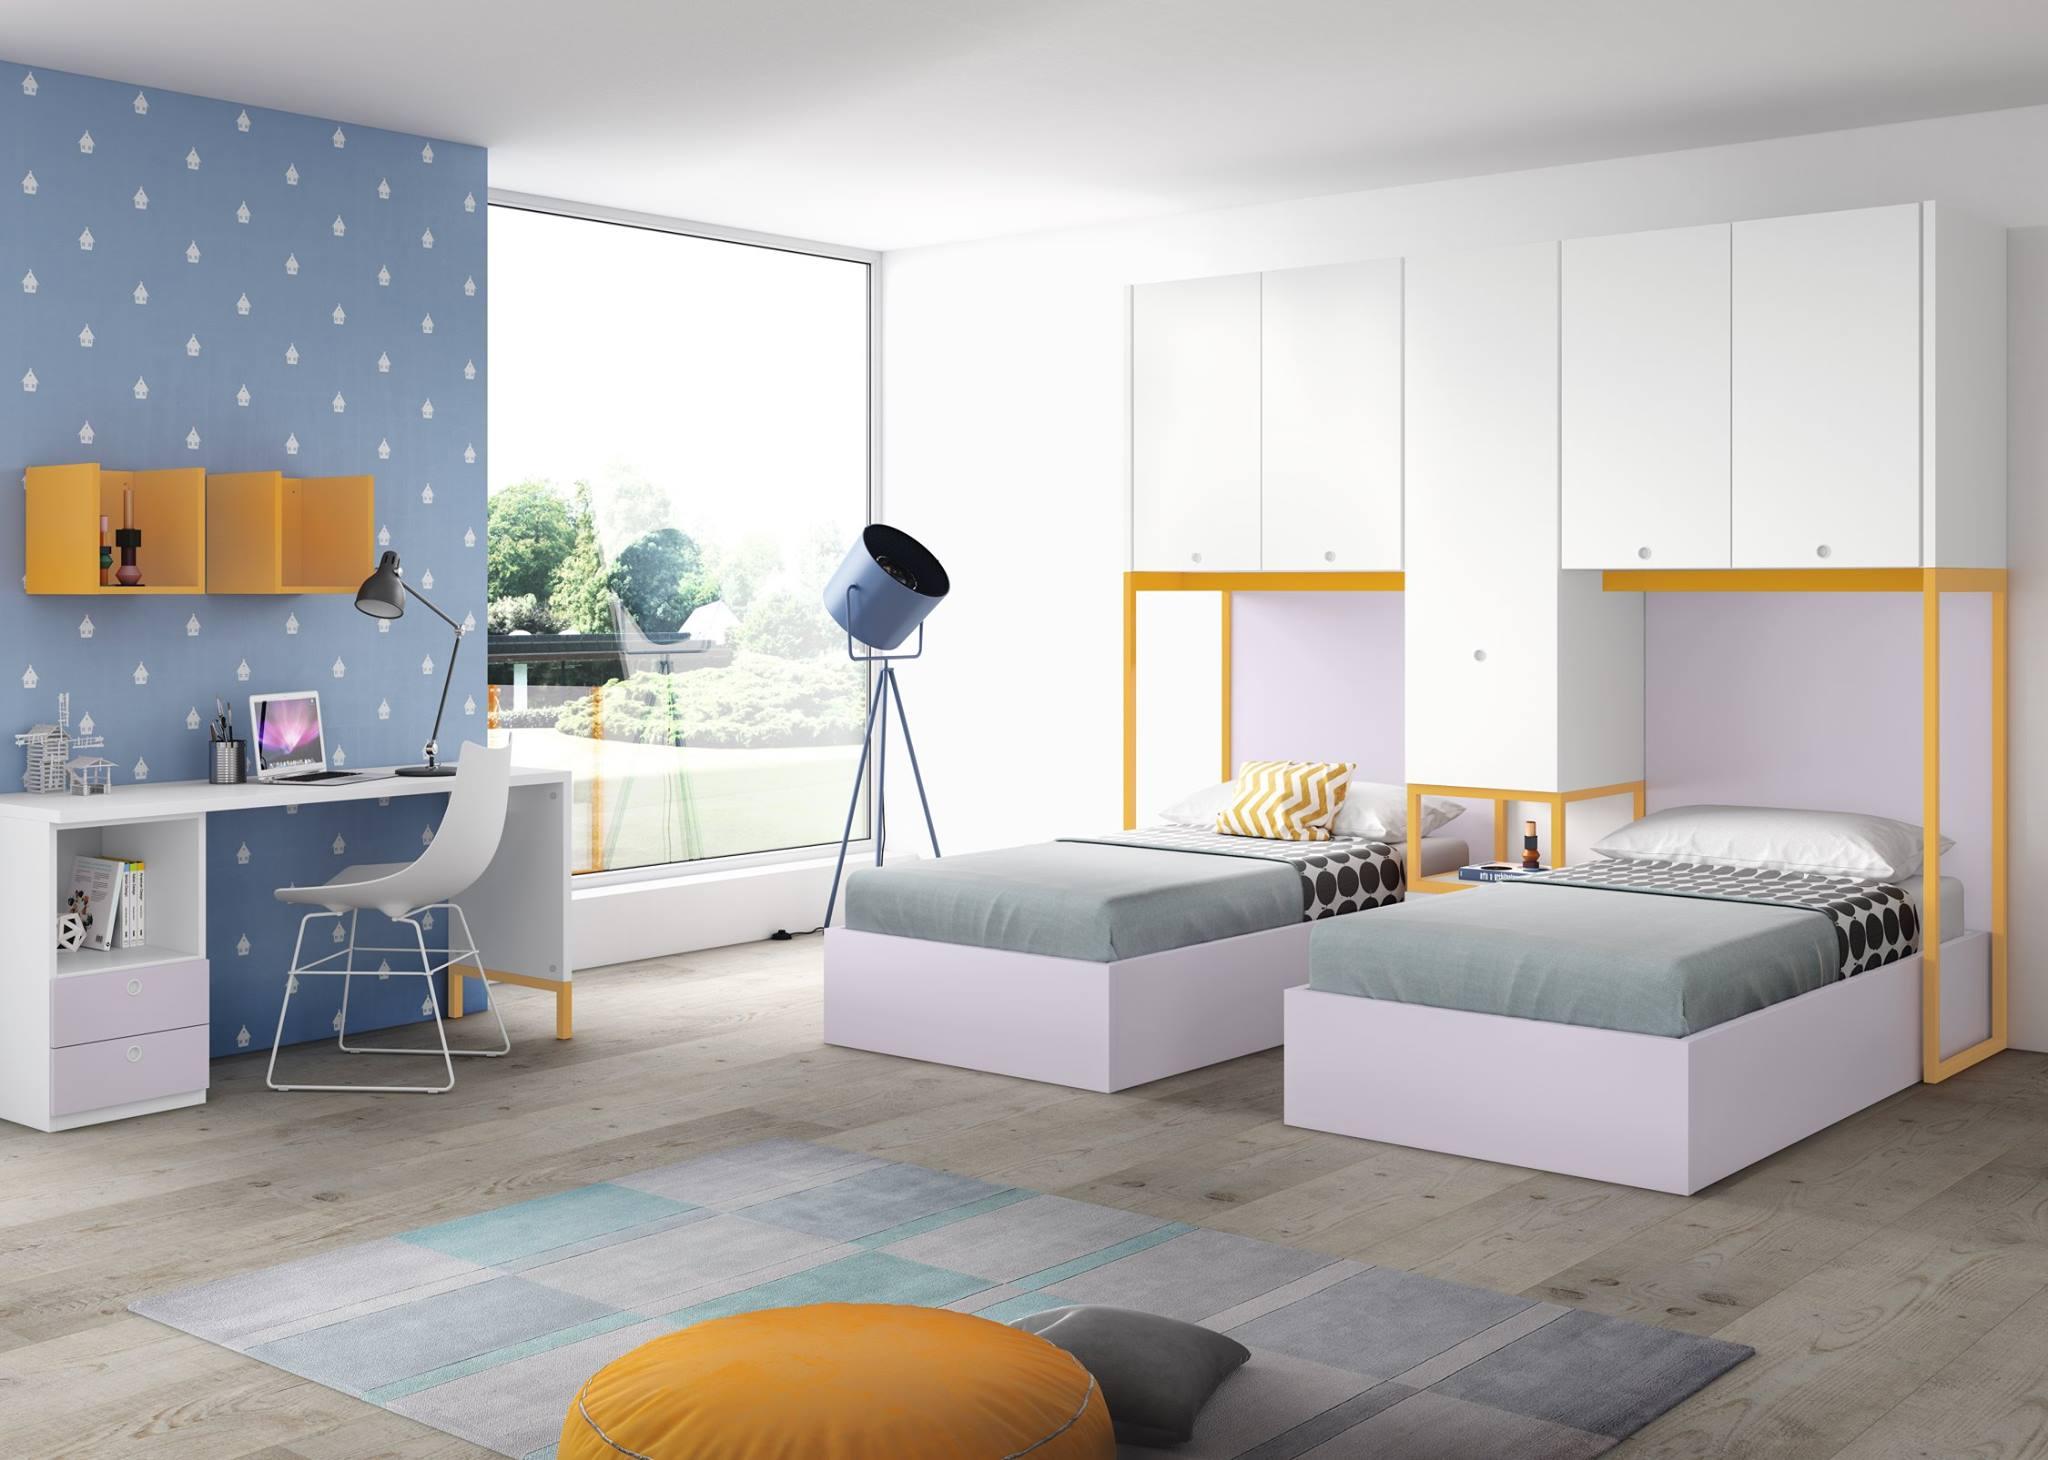 Muebles bidasoa en irun vende dormitorios de matrimonio - Habitaciones juveniles 2 camas ...